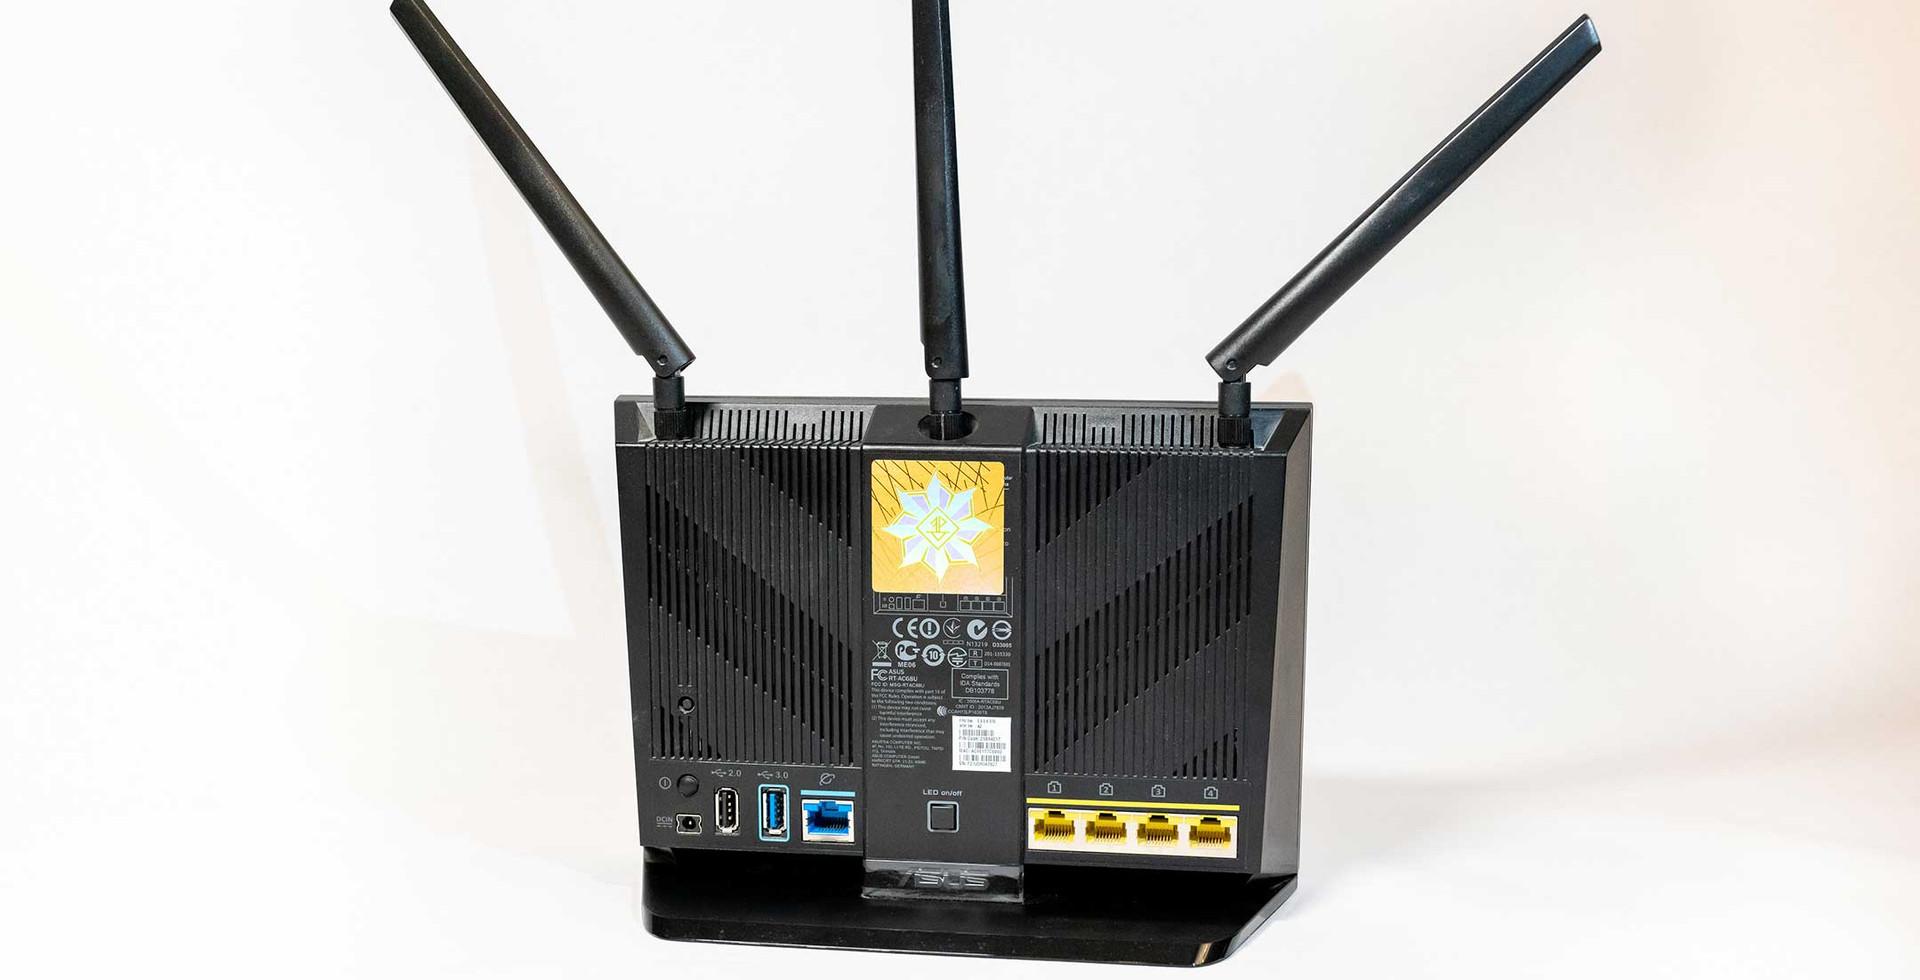 EMF sticker on Router.jpg